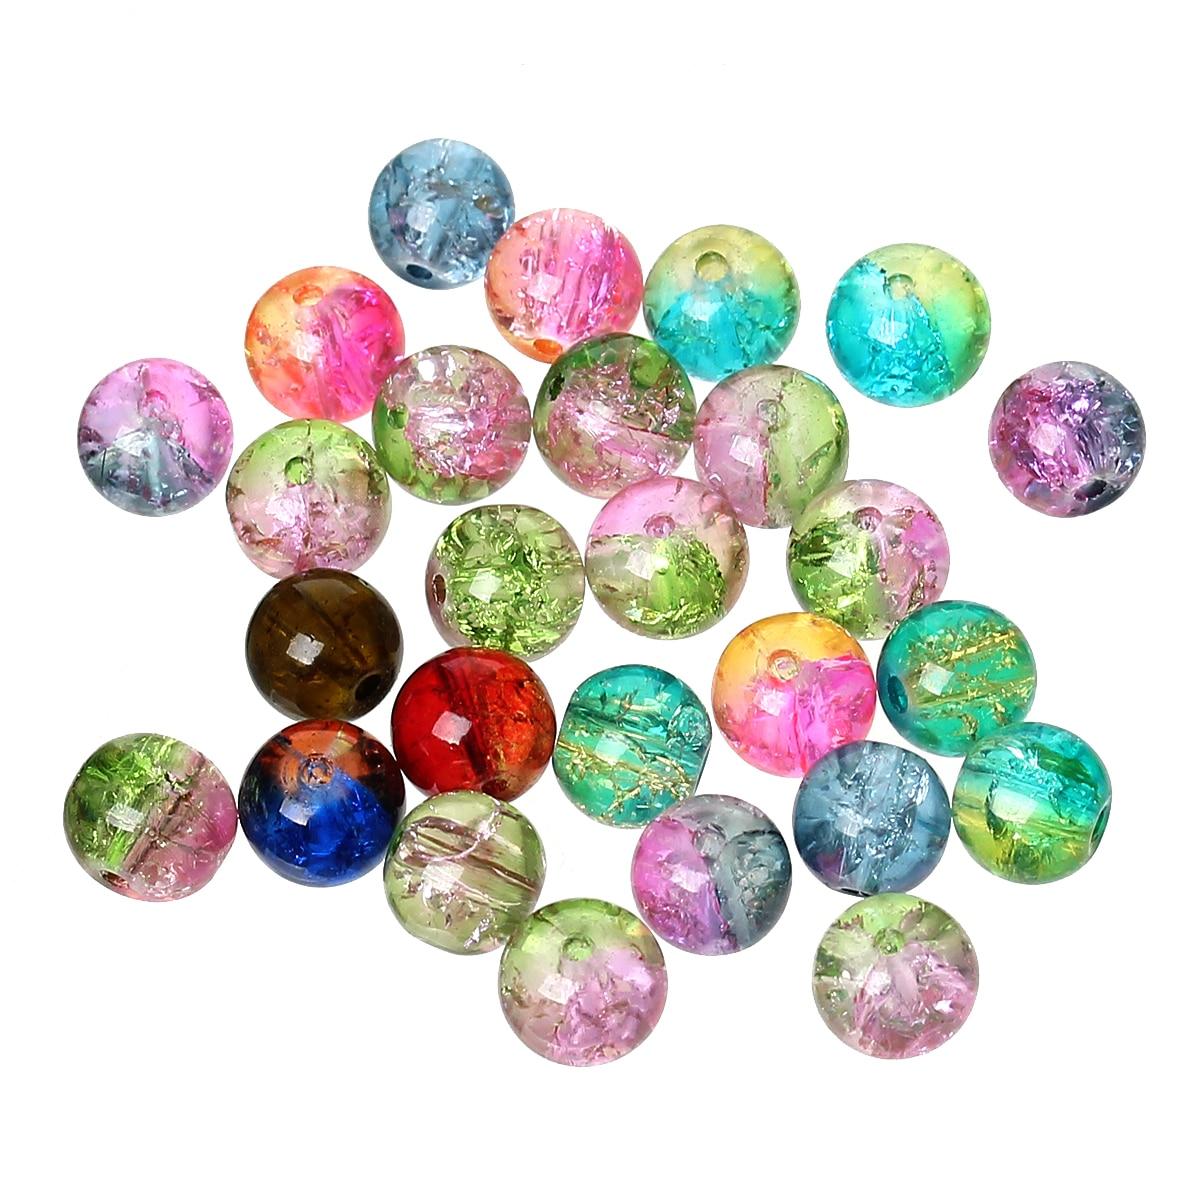 500 Uds. Doreen Box cuentas redondas de vidrio craquelado de 8mm de diámetro. Mezclado aleatoriamente para la fabricación de joyas de pulseras DIY, agujero 1,2mm